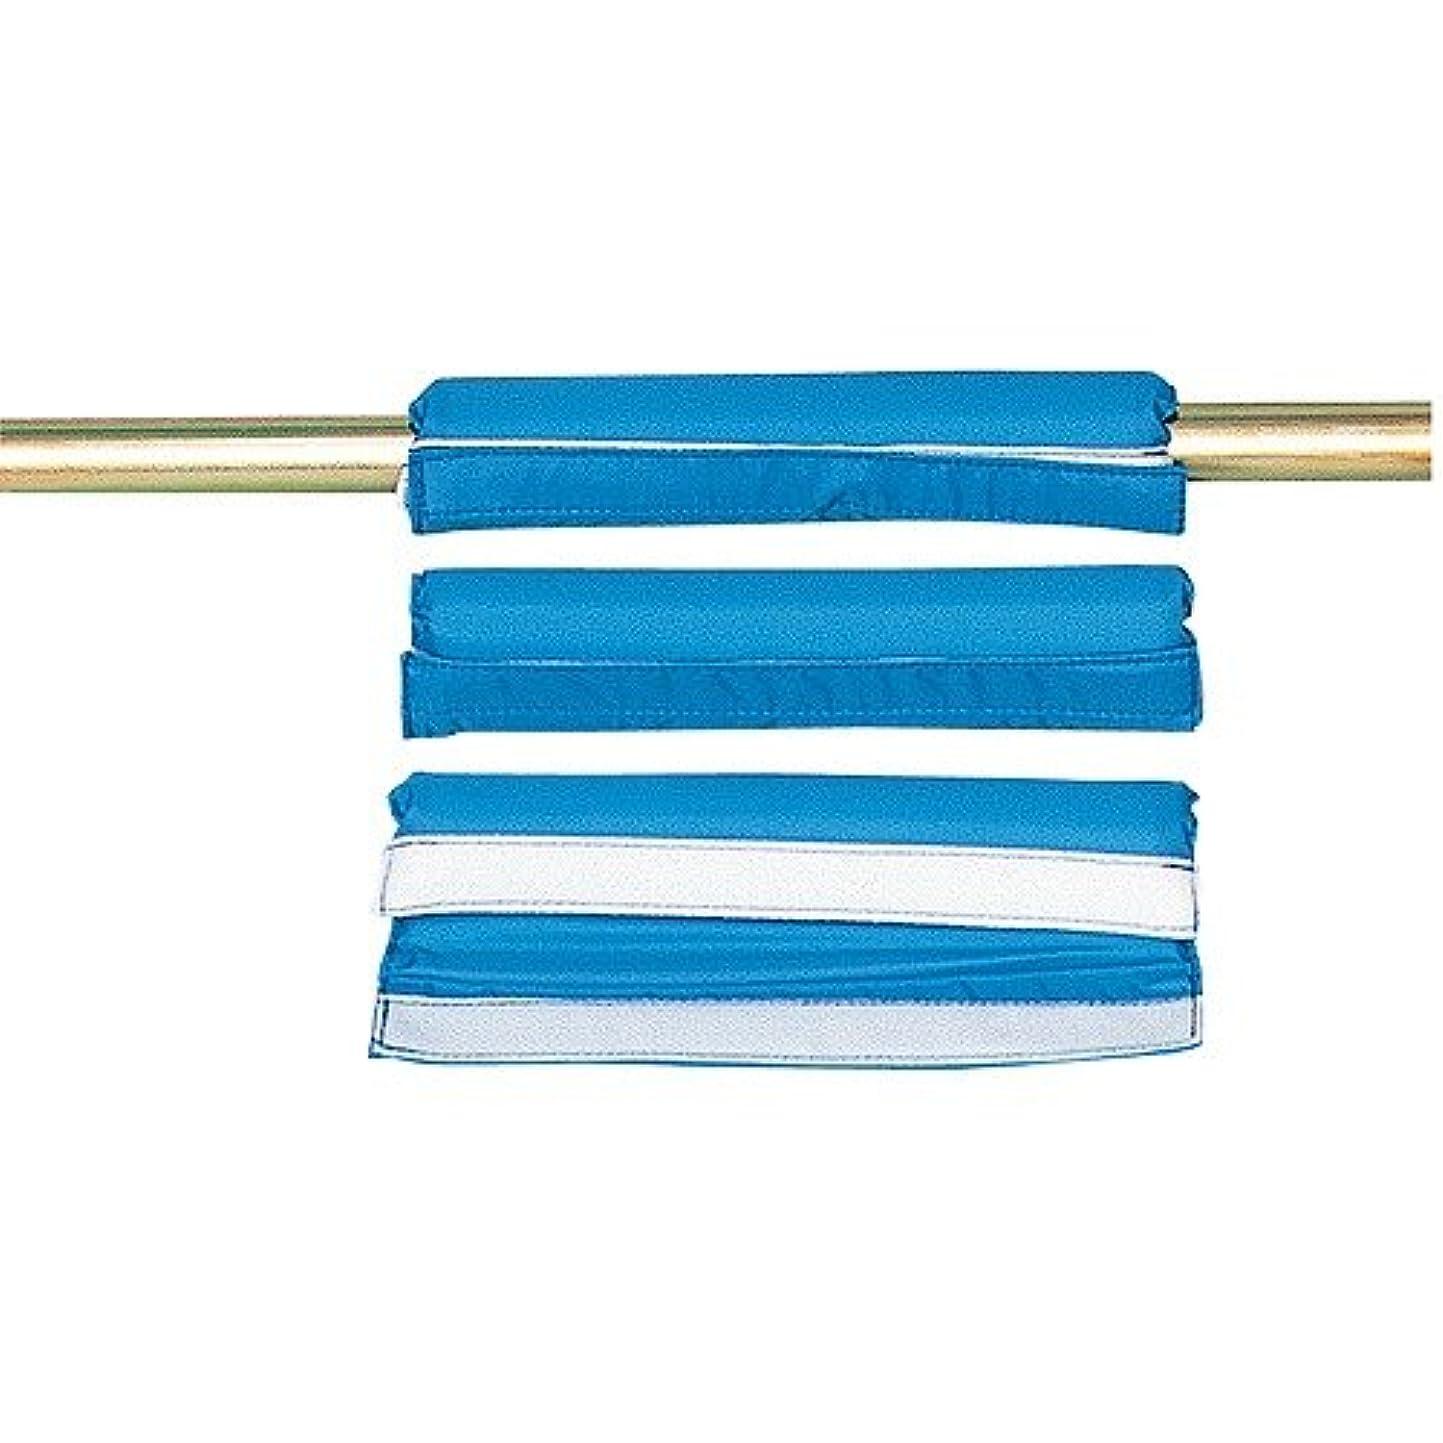 もっとチューリップ郡会龍企業 鉄棒サポートパット S 8個 ブルー